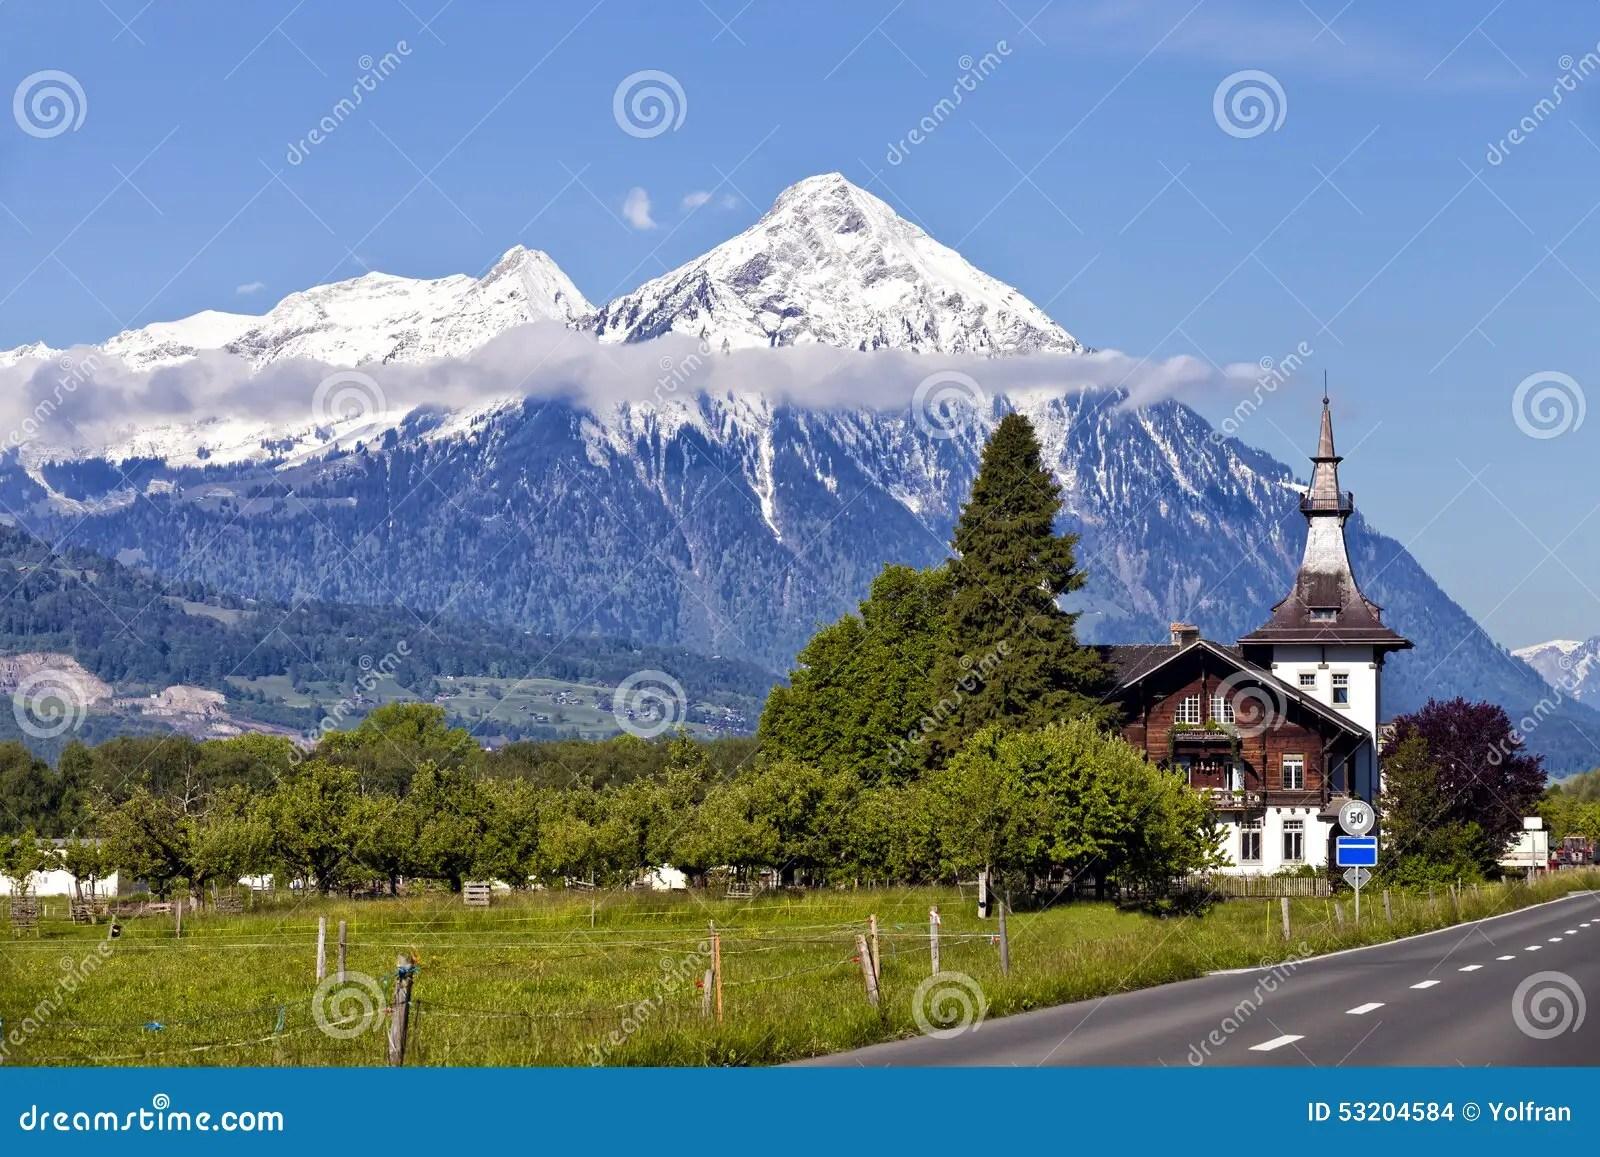 Paesaggio Alpino Svizzera Di Estate Con I Picchi Della Neve E Le Costruzioni Di Legno Fotografia Stock  Immagine di corsa svizzero 53204584